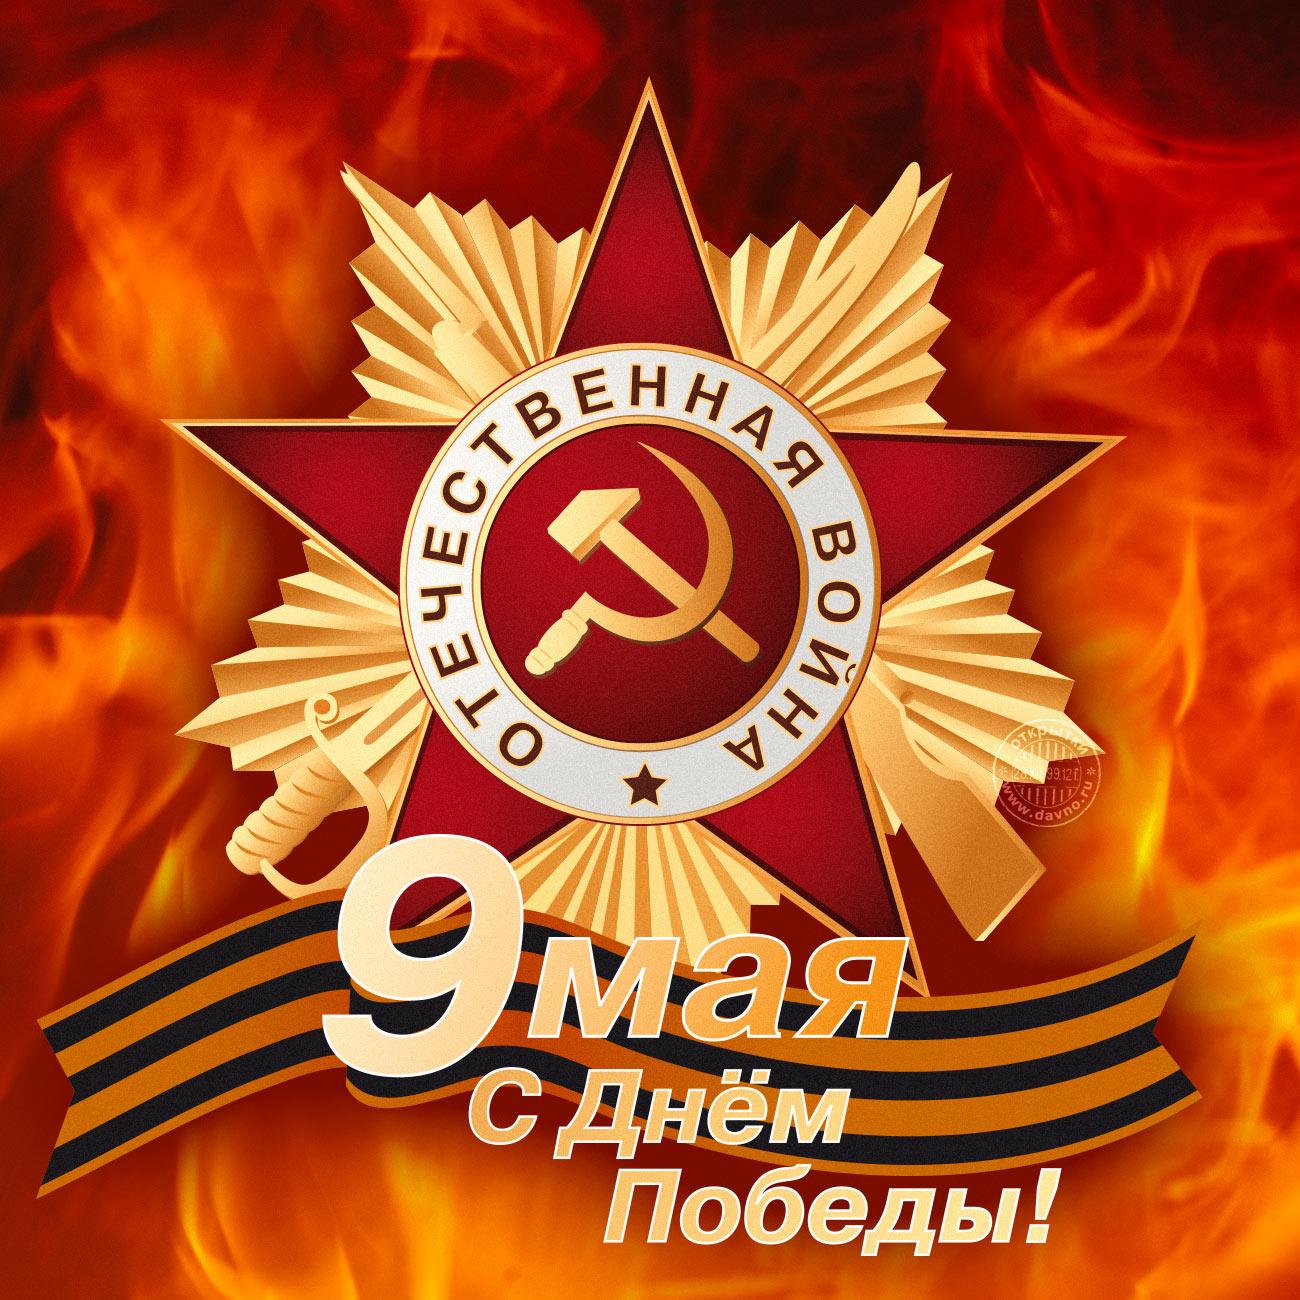 Афиша на День Победы в Калуге